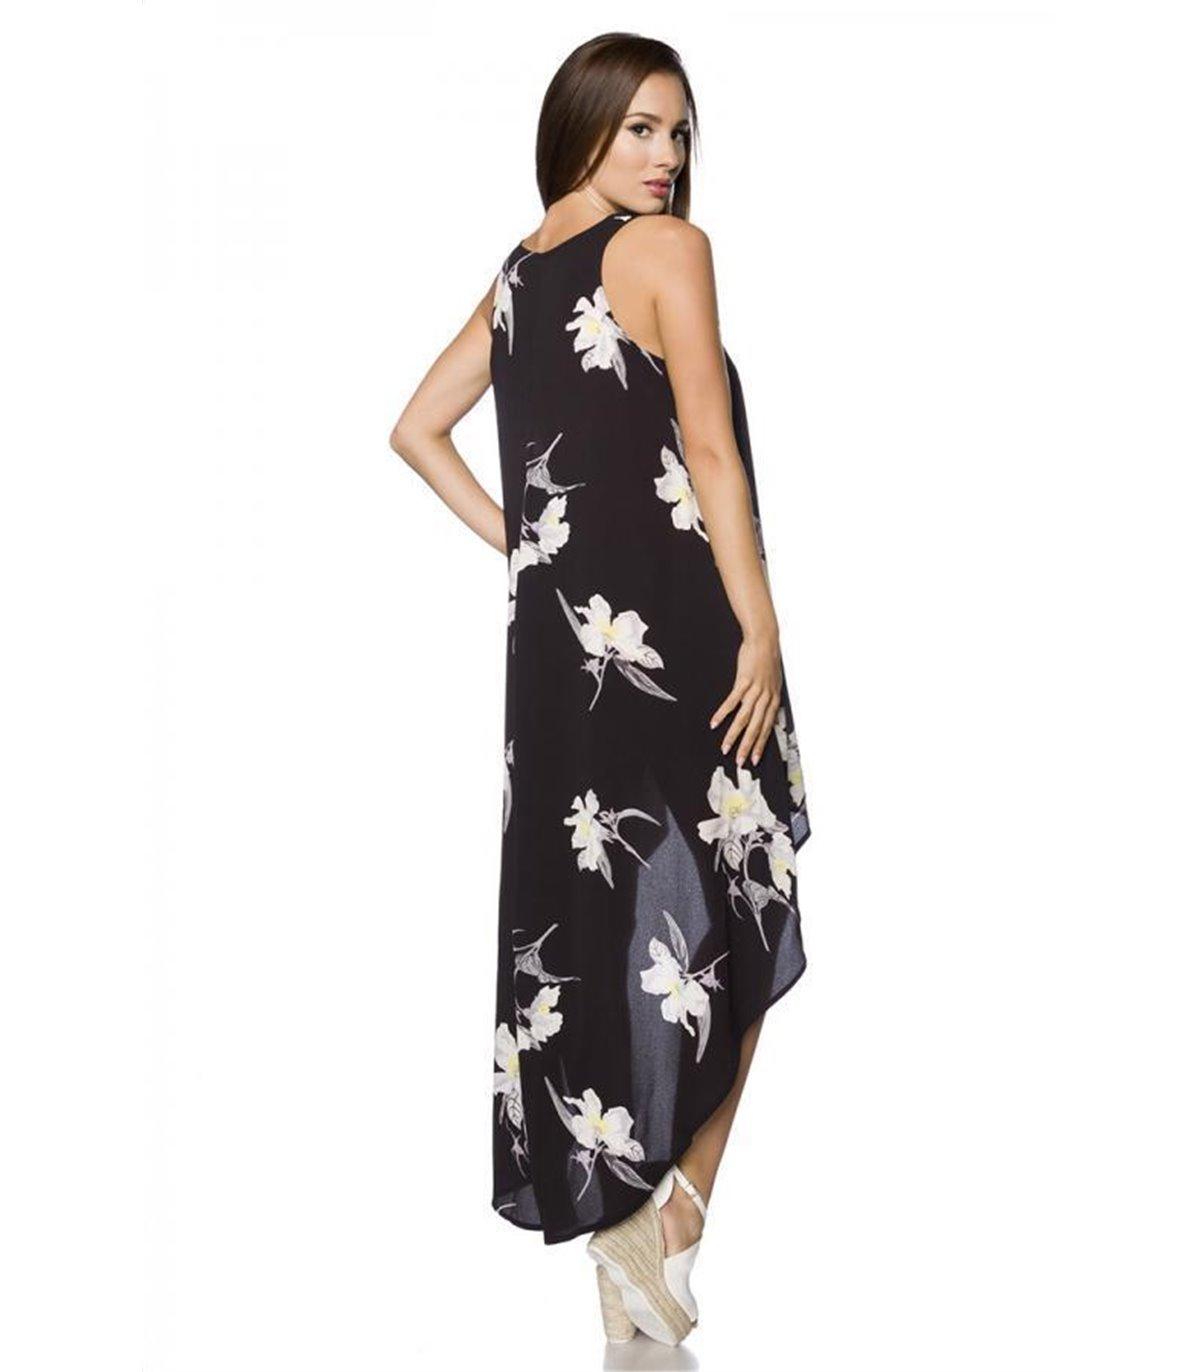 Hipstylers Kleid weiss/schwarz - lange Kleider online ...